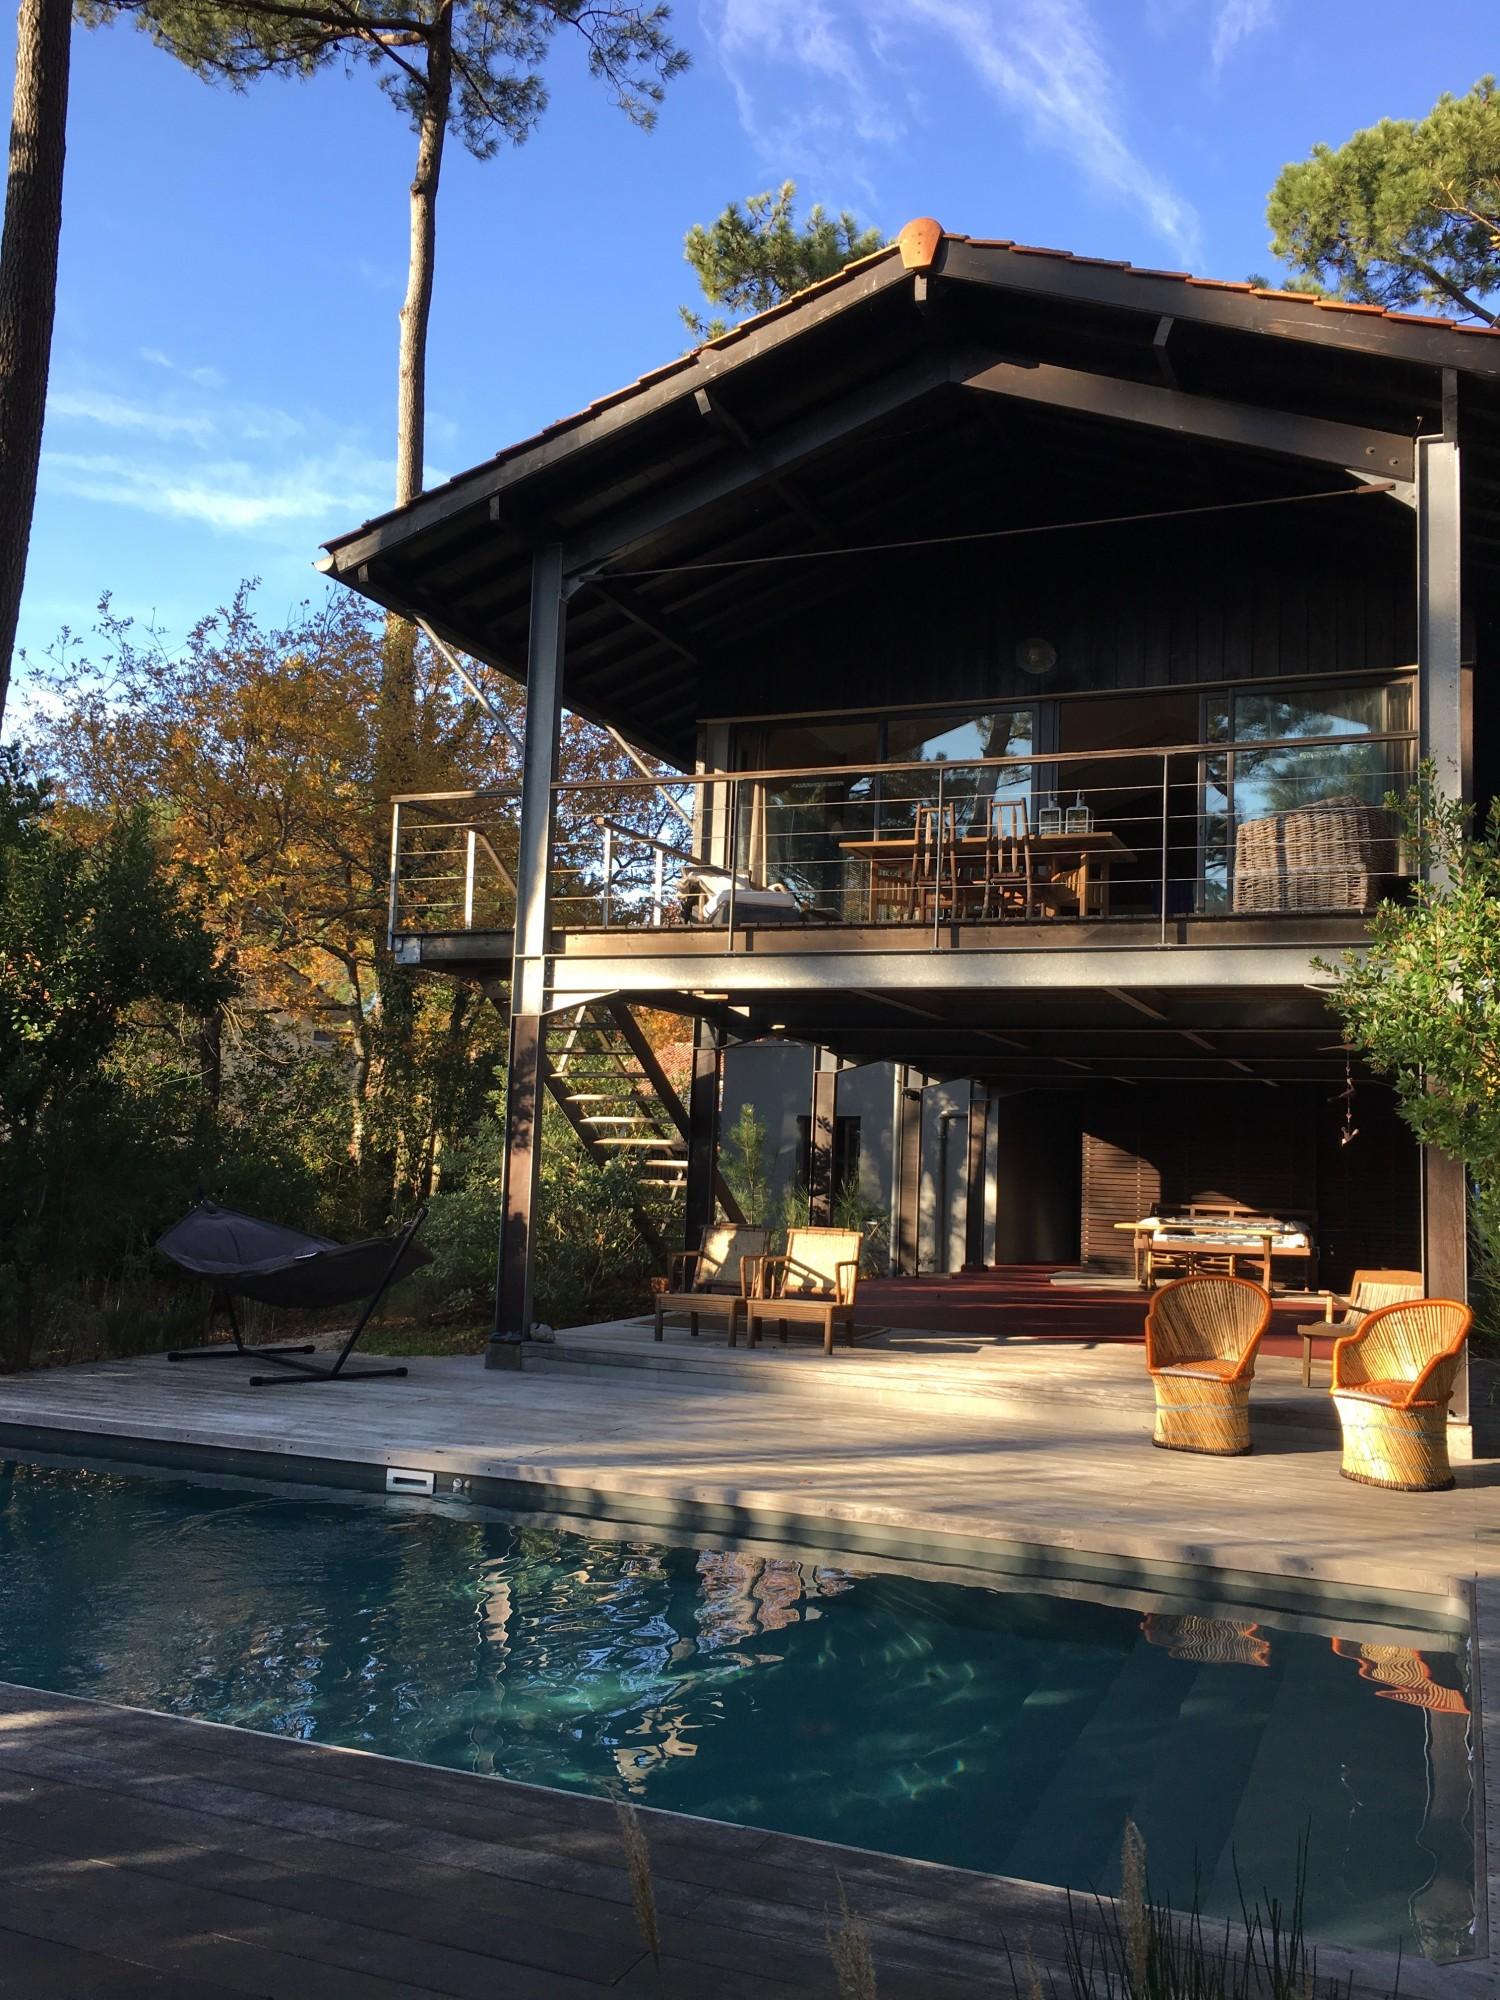 Achat pyla sur mer villa en bois avec piscine barnes - Camping bassin d arcachon avec piscine ...